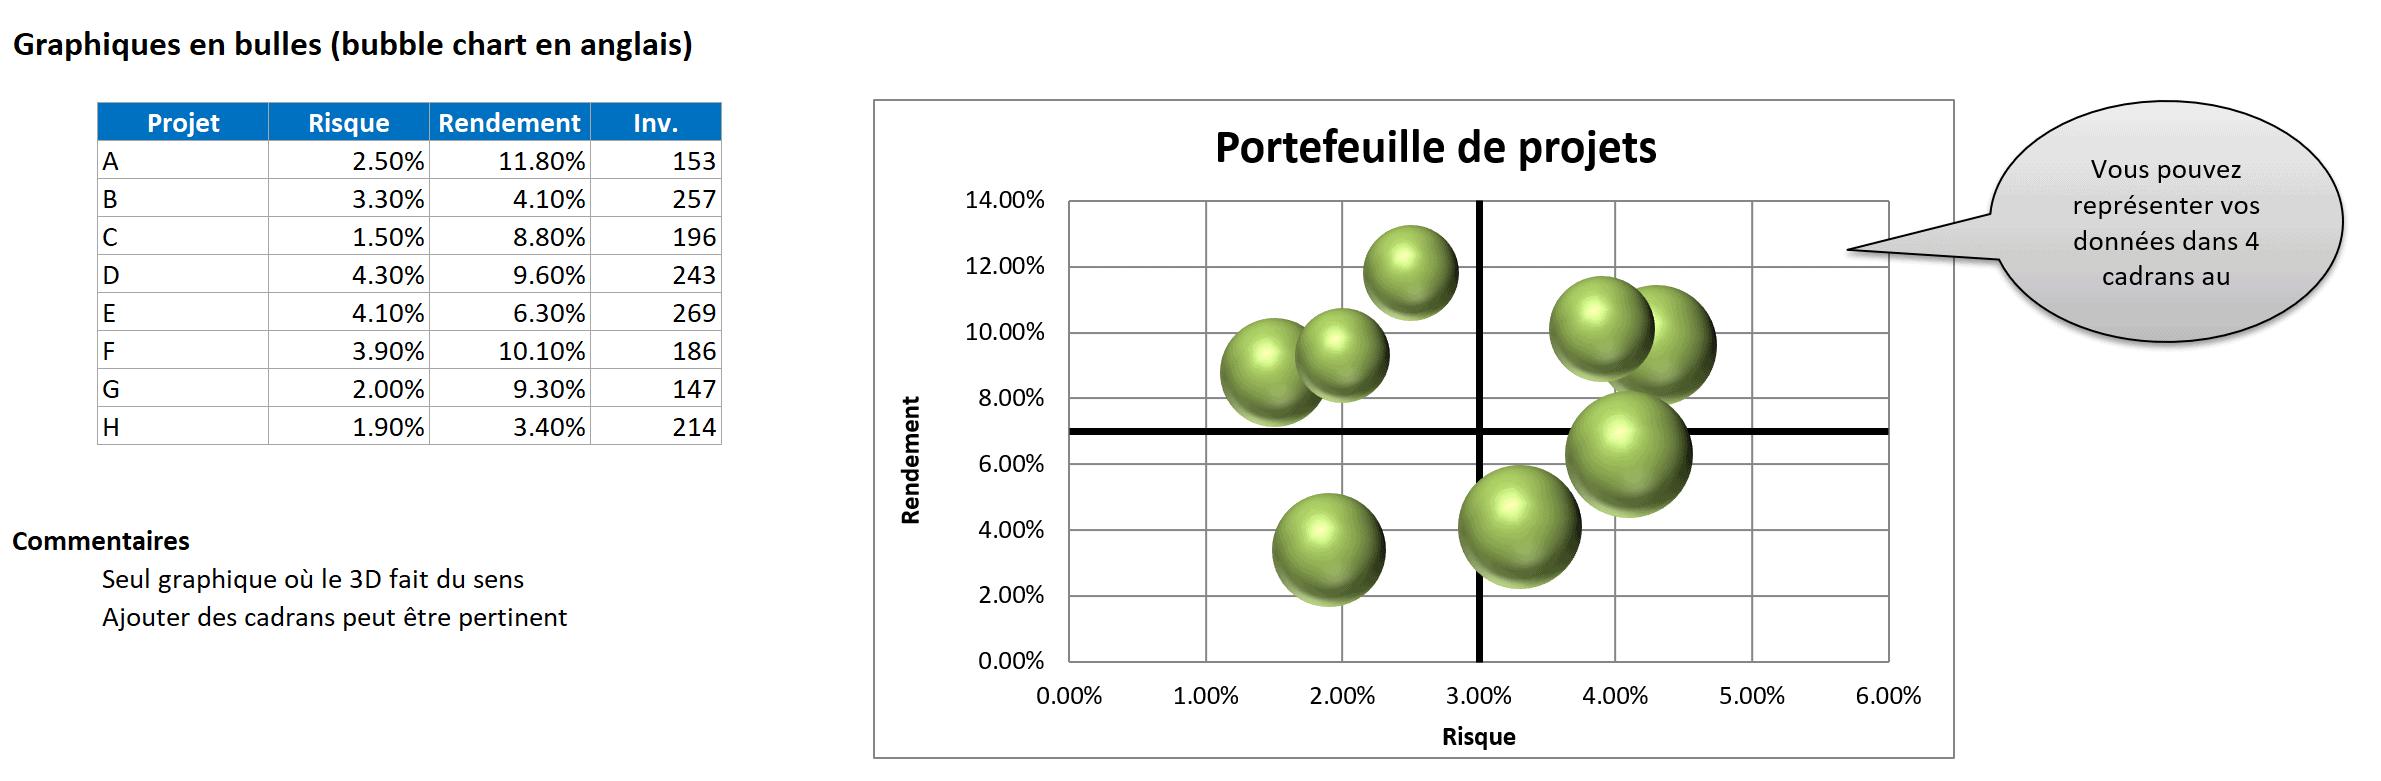 Graphiques à bulles